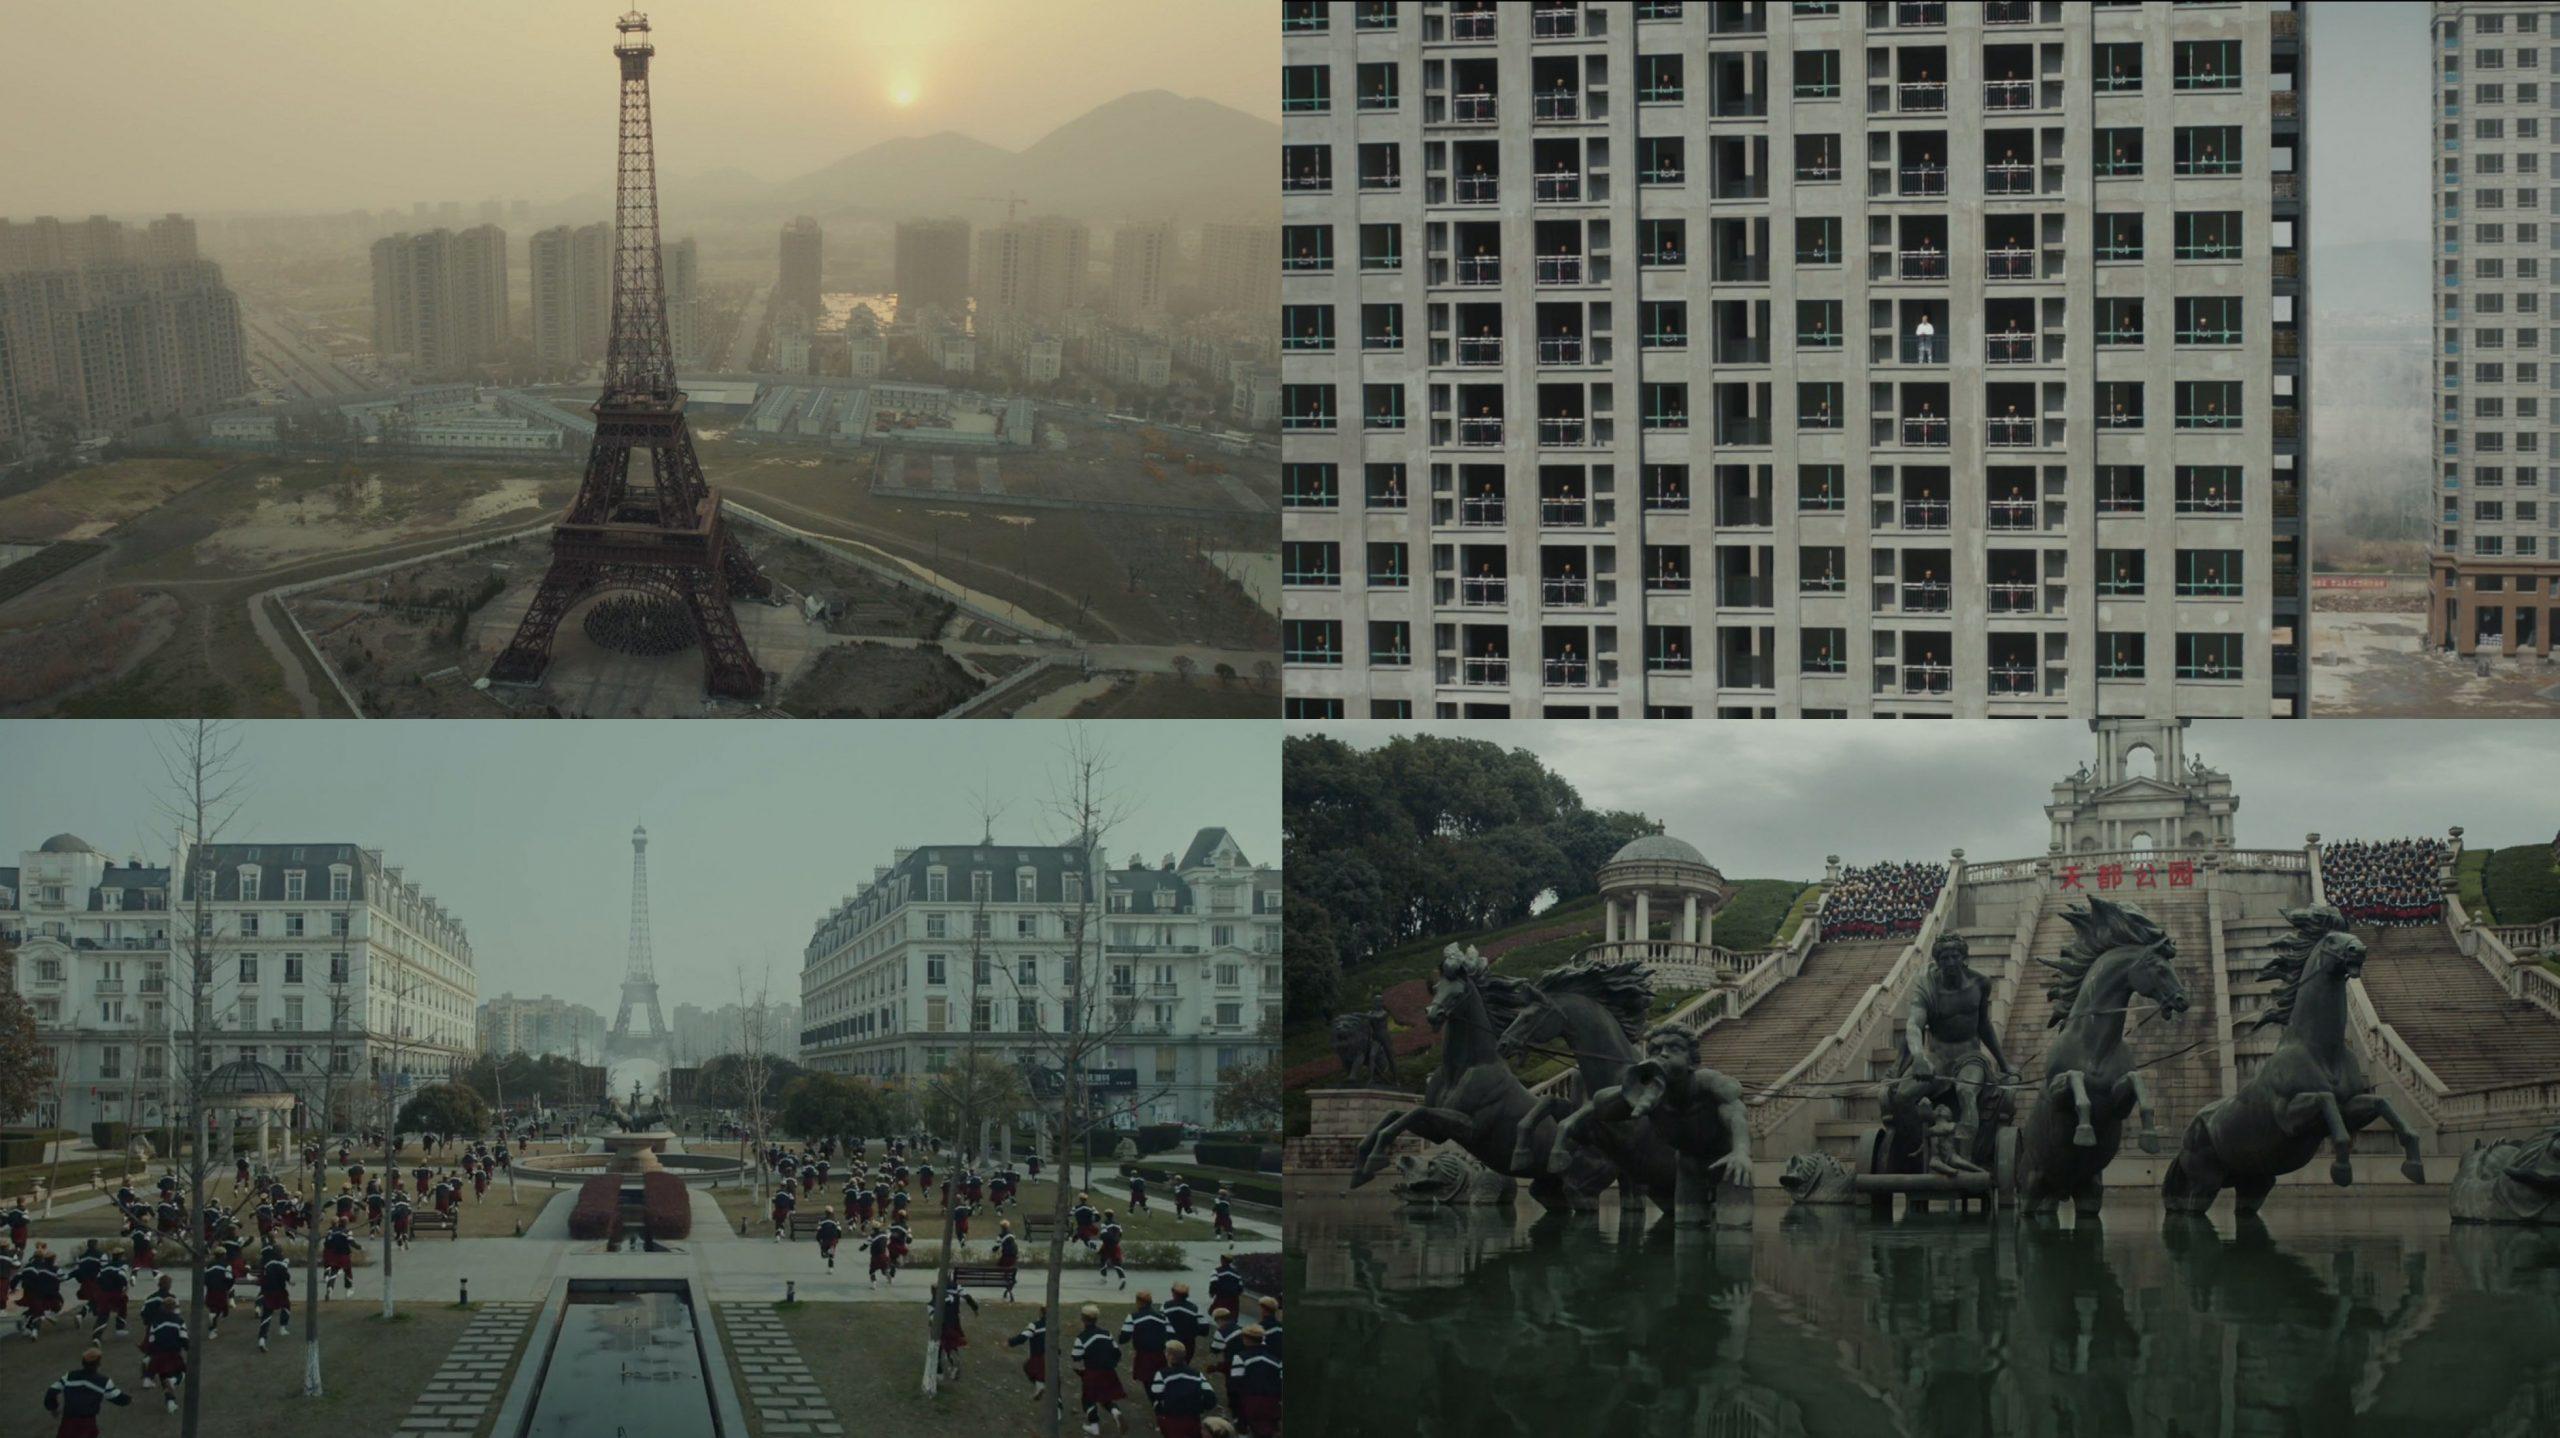 Provokatív lakásfények és a kínai álépítészet, avagy hogyan kommunikál építészetet a videóklip